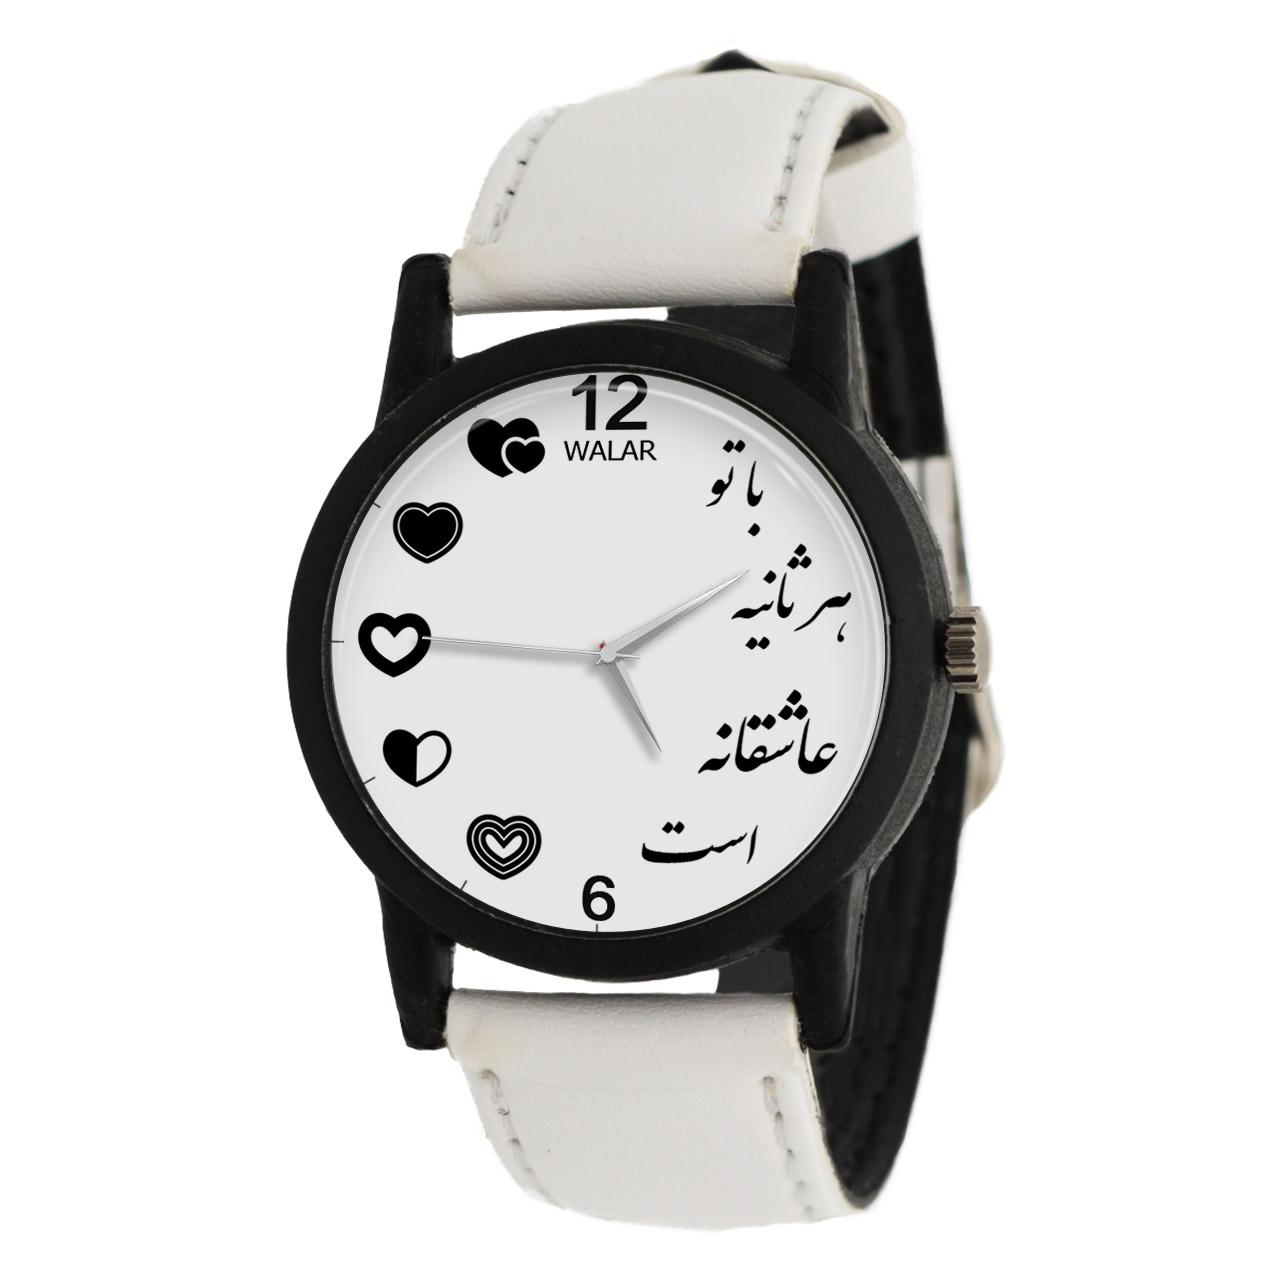 ساعت زنانه برند والار مدل LF1443